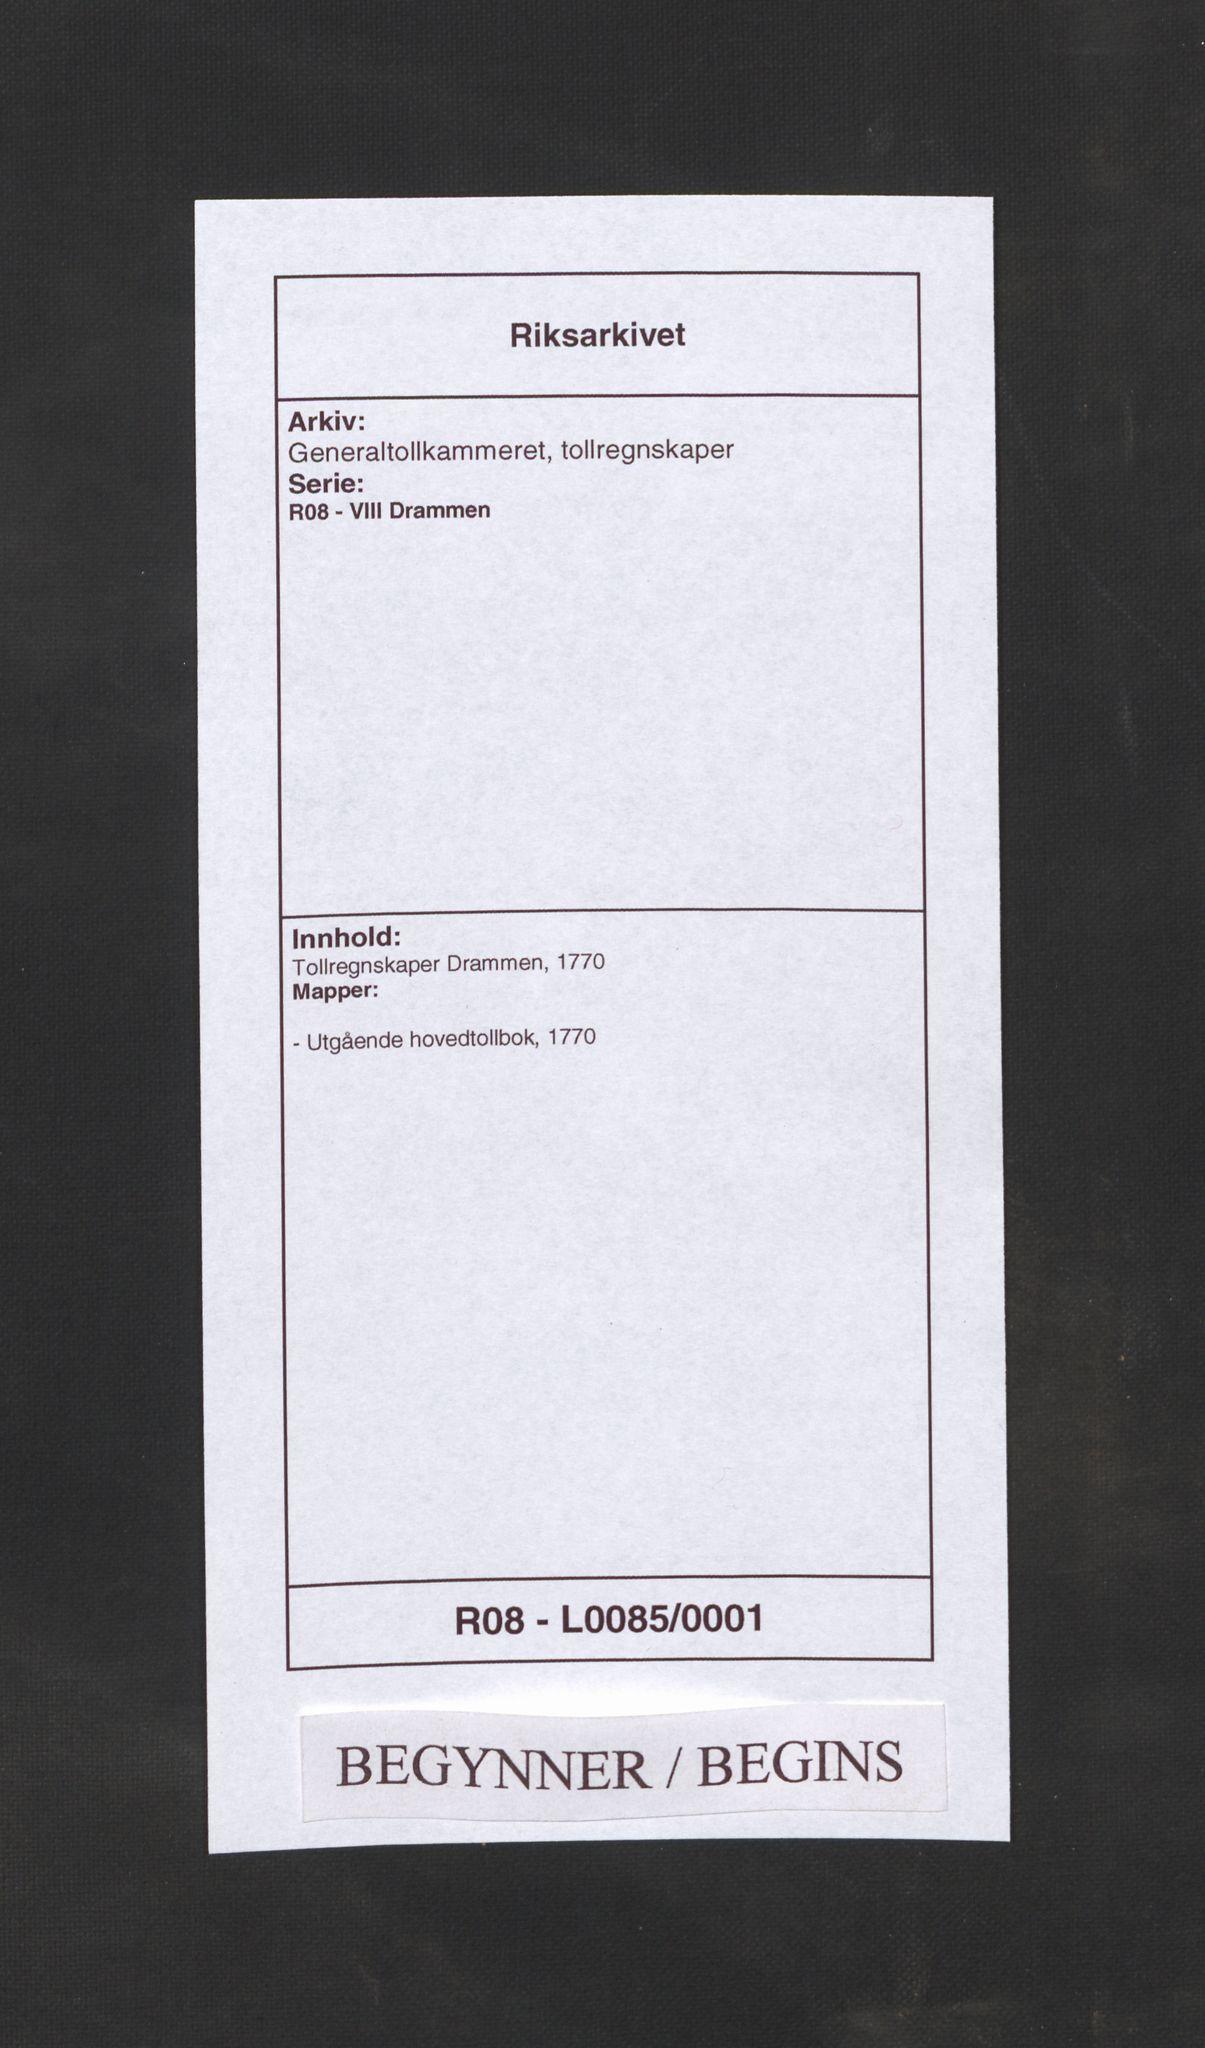 RA, Generaltollkammeret, tollregnskaper, R08/L0085: Tollregnskaper Drammen, 1770